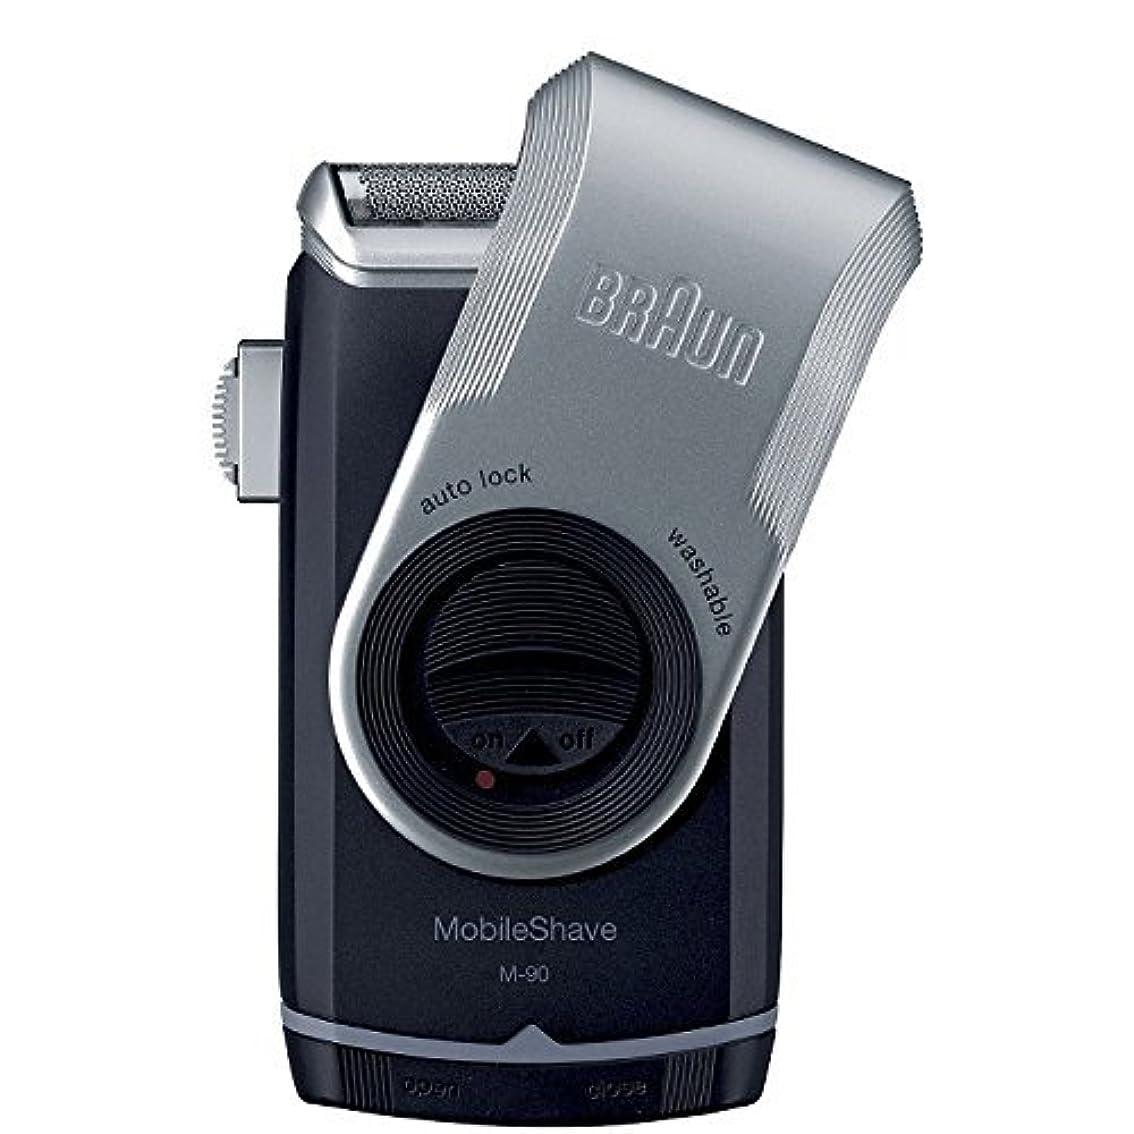 スリットテスト吸収するBraun M90 Pocketgo Mobileshave スマートホイルでポータブルシェーバー [並行輸入品]